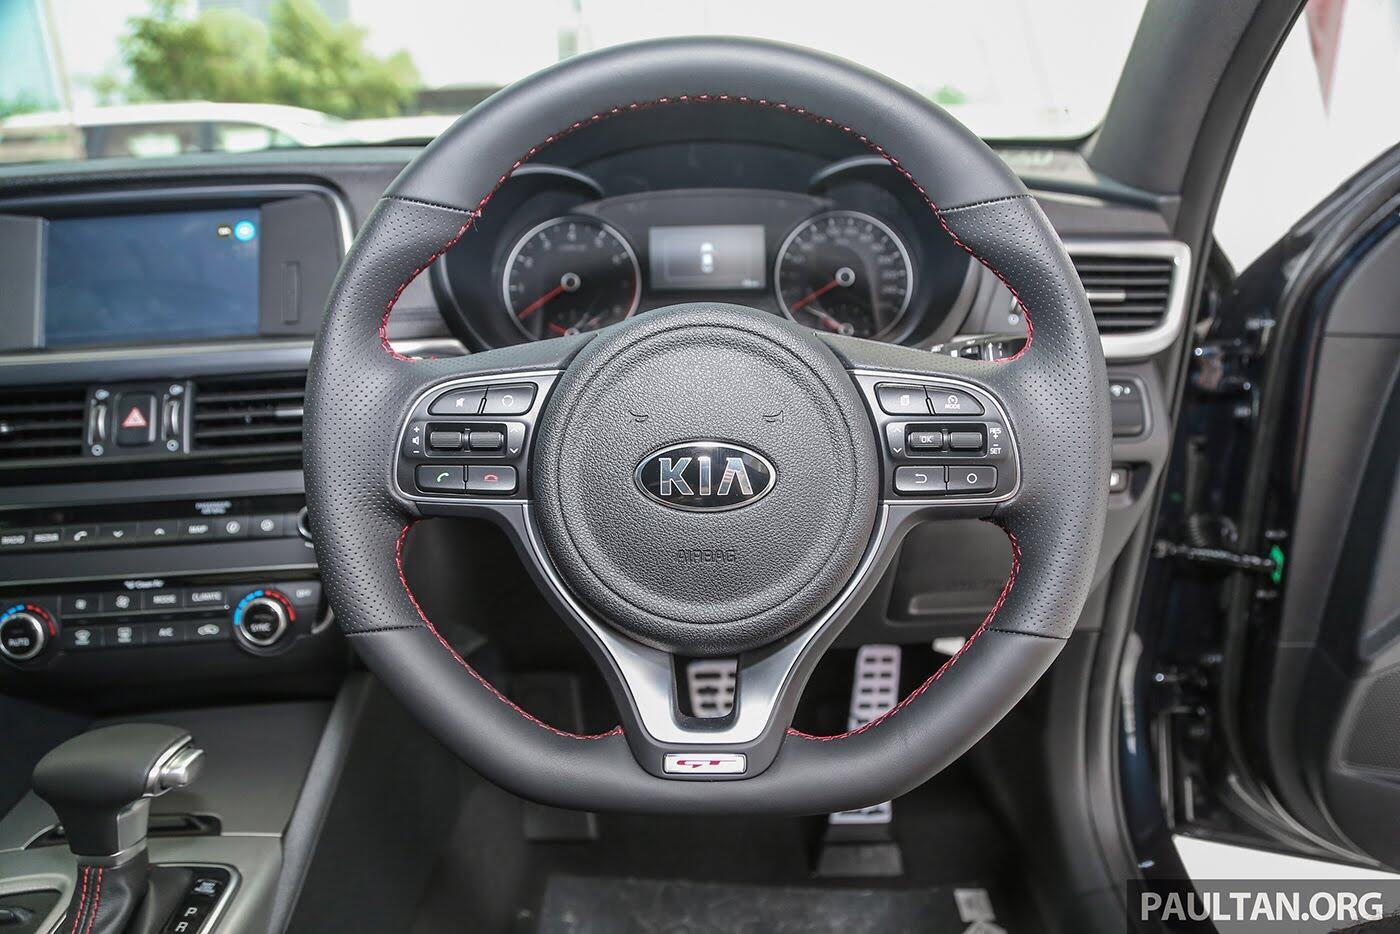 Xem thêm ảnh Kia Optima GT 2017 - Hình 27